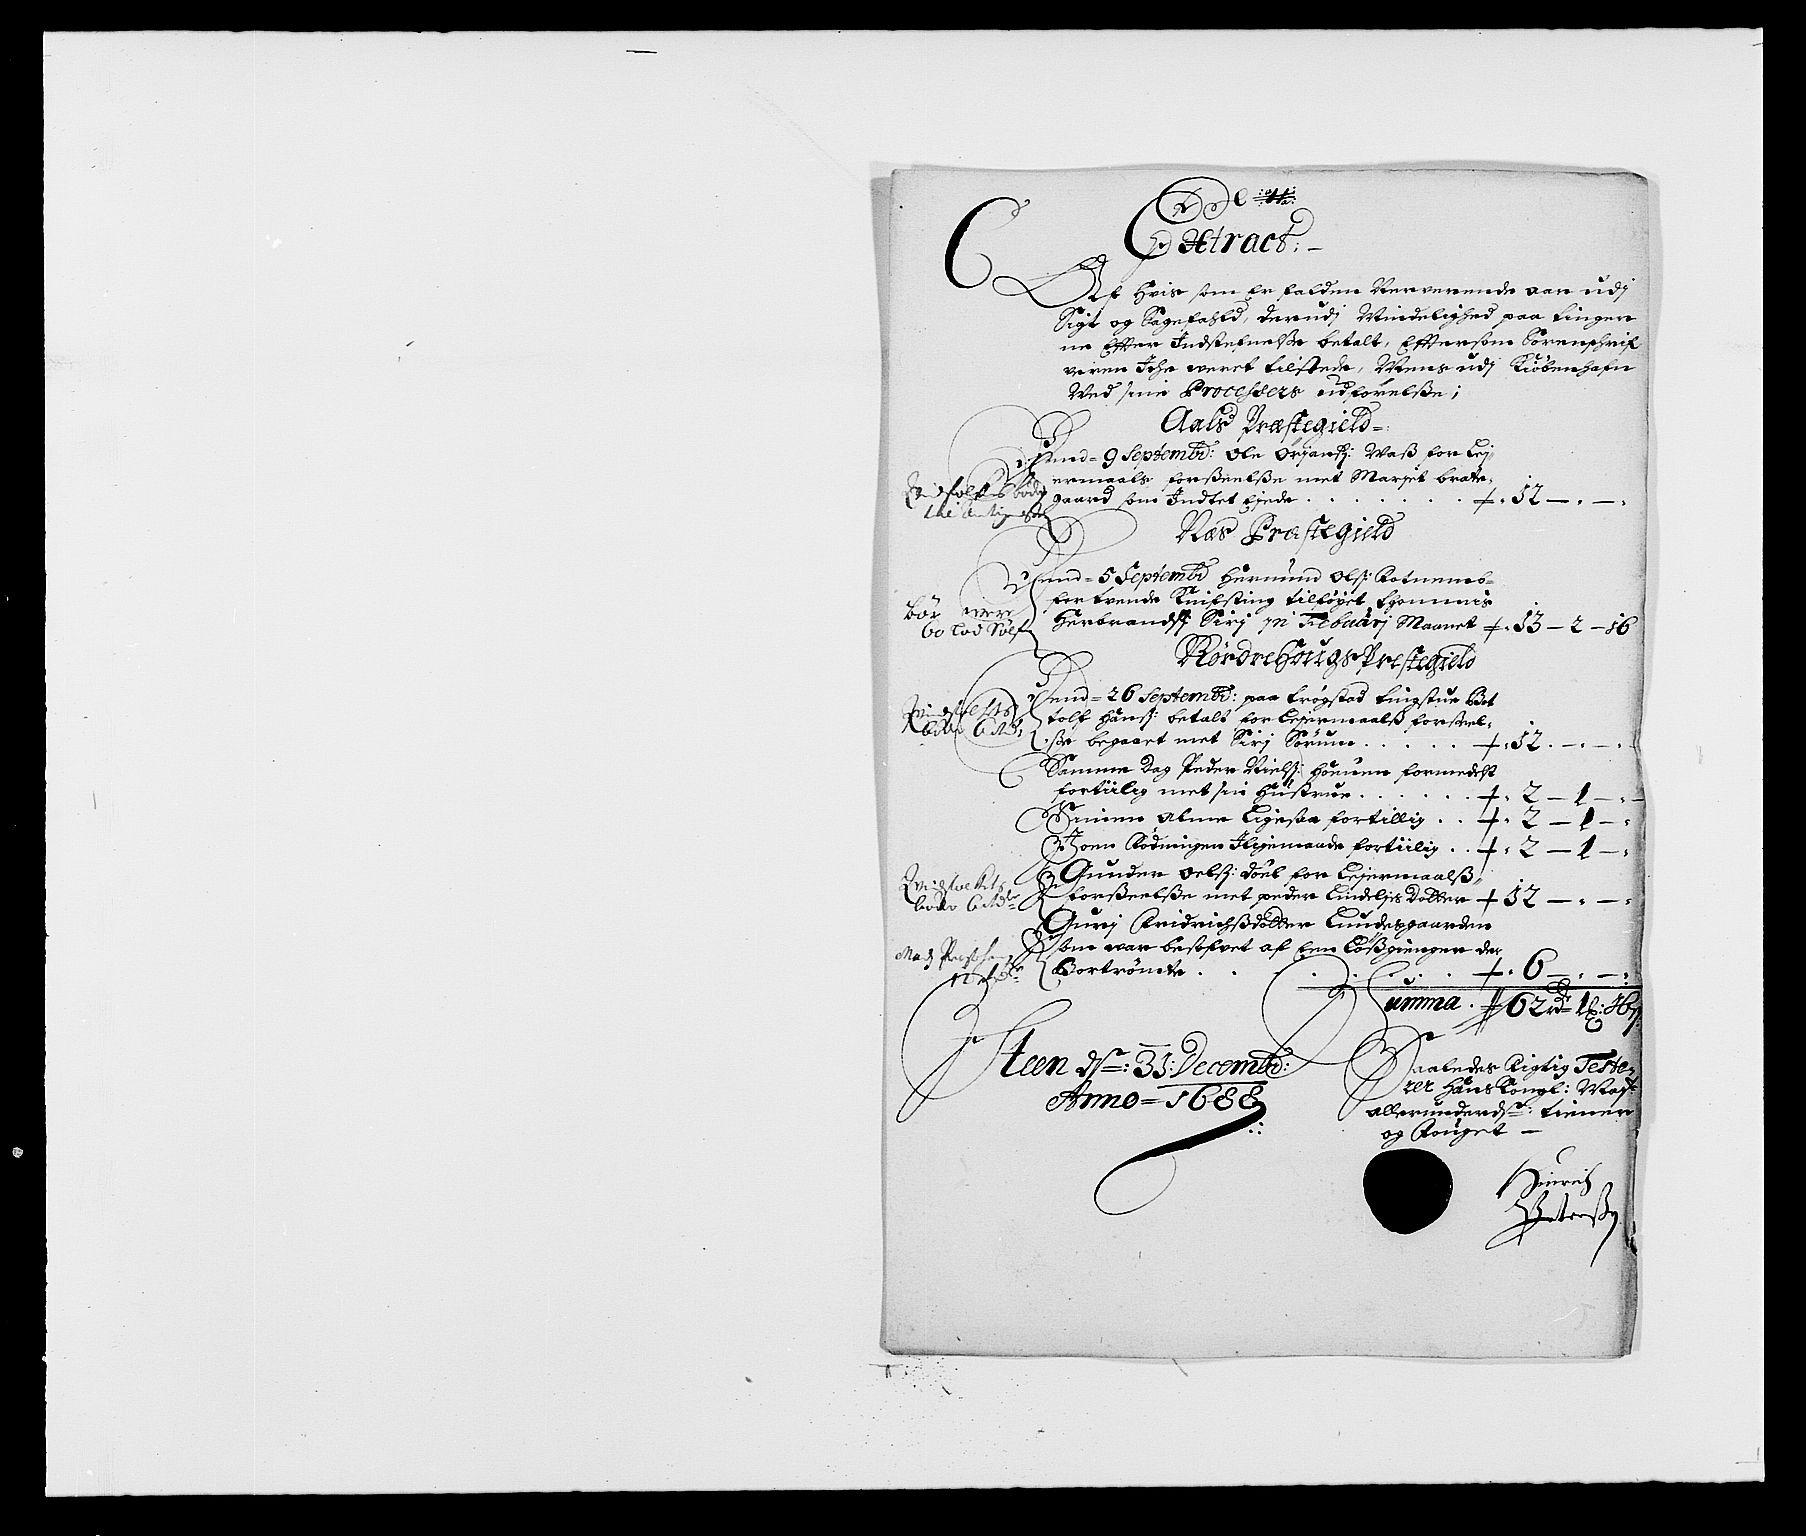 RA, Rentekammeret inntil 1814, Reviderte regnskaper, Fogderegnskap, R21/L1447: Fogderegnskap Ringerike og Hallingdal, 1687-1689, s. 162